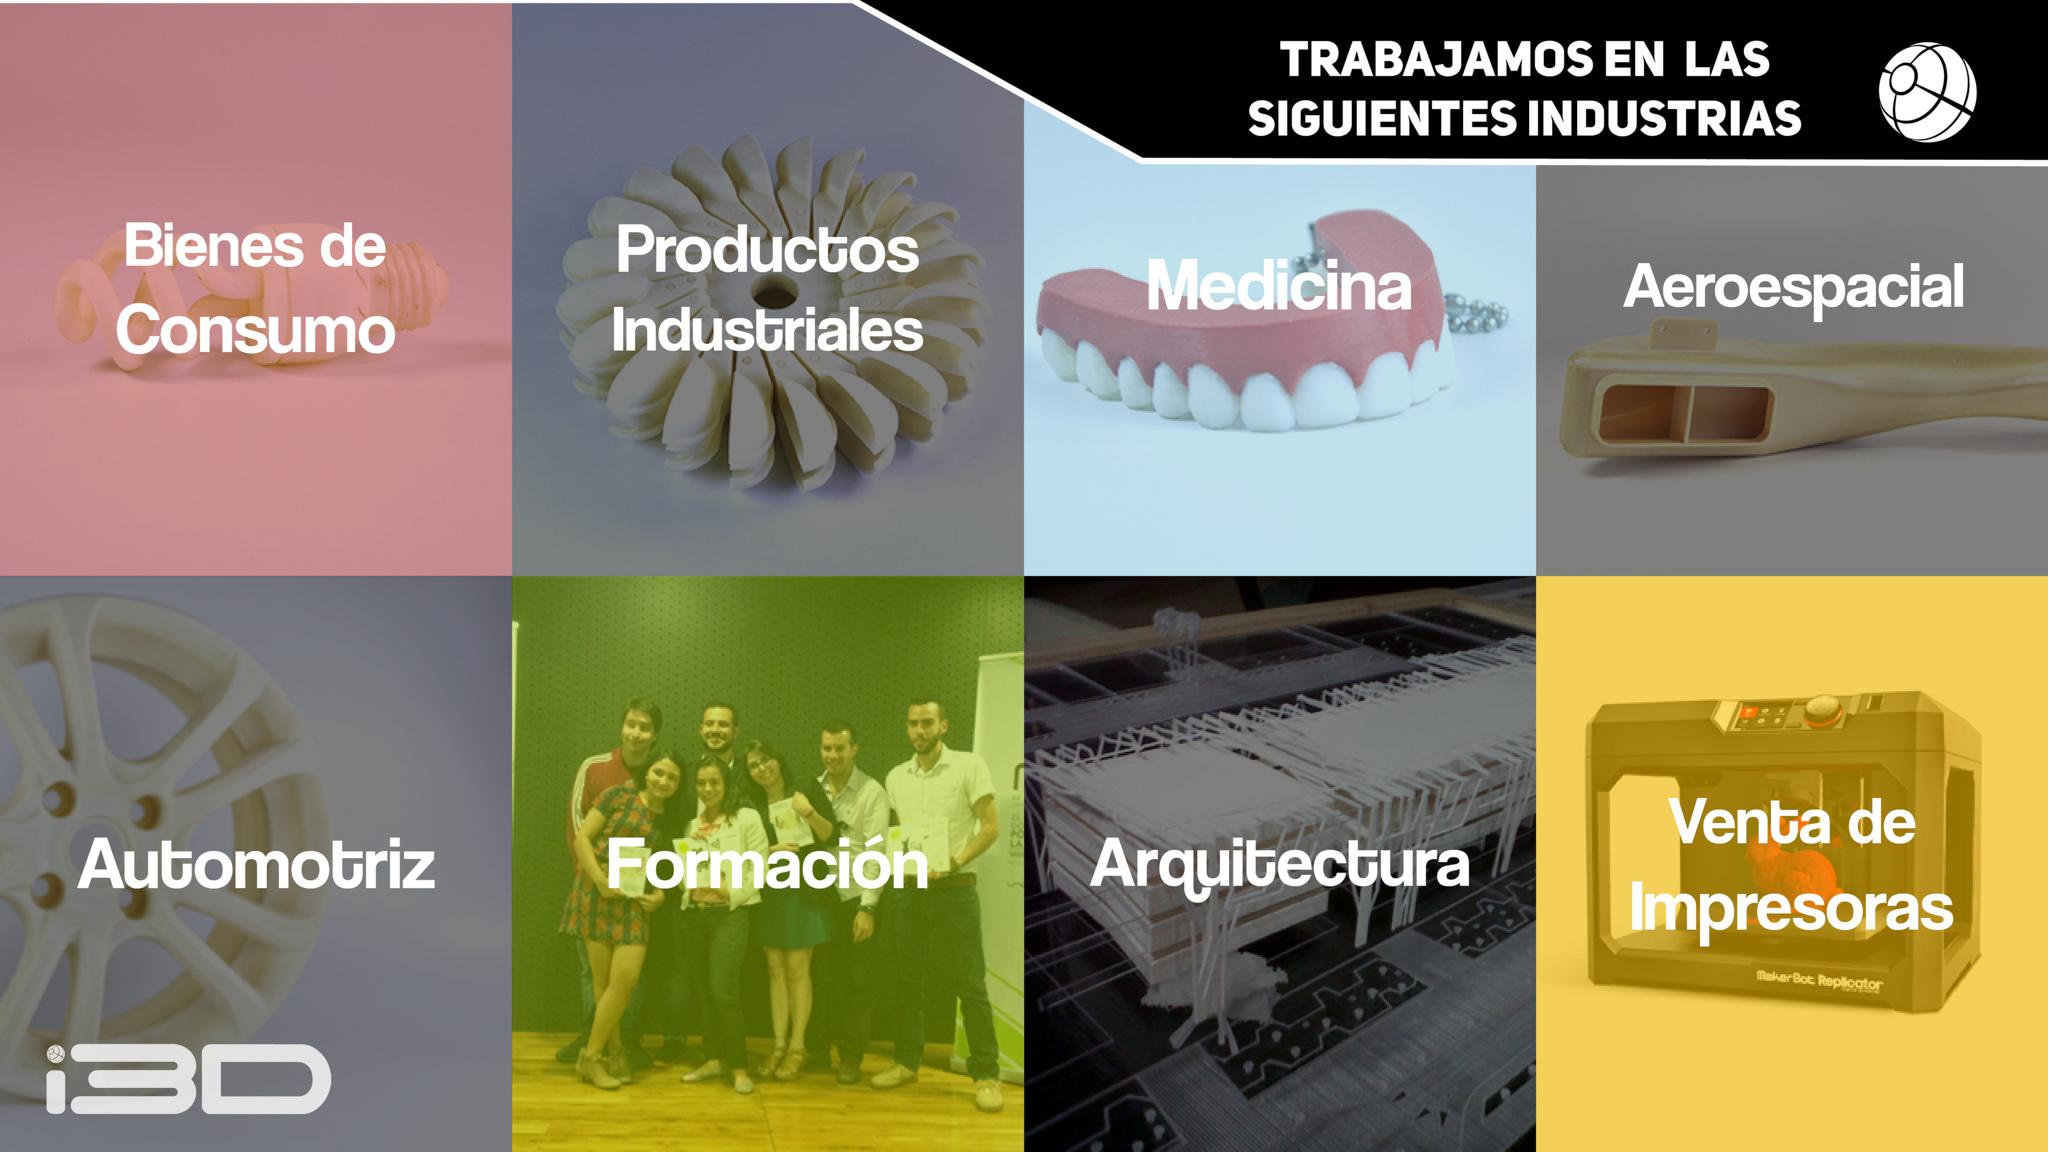 industrias-01